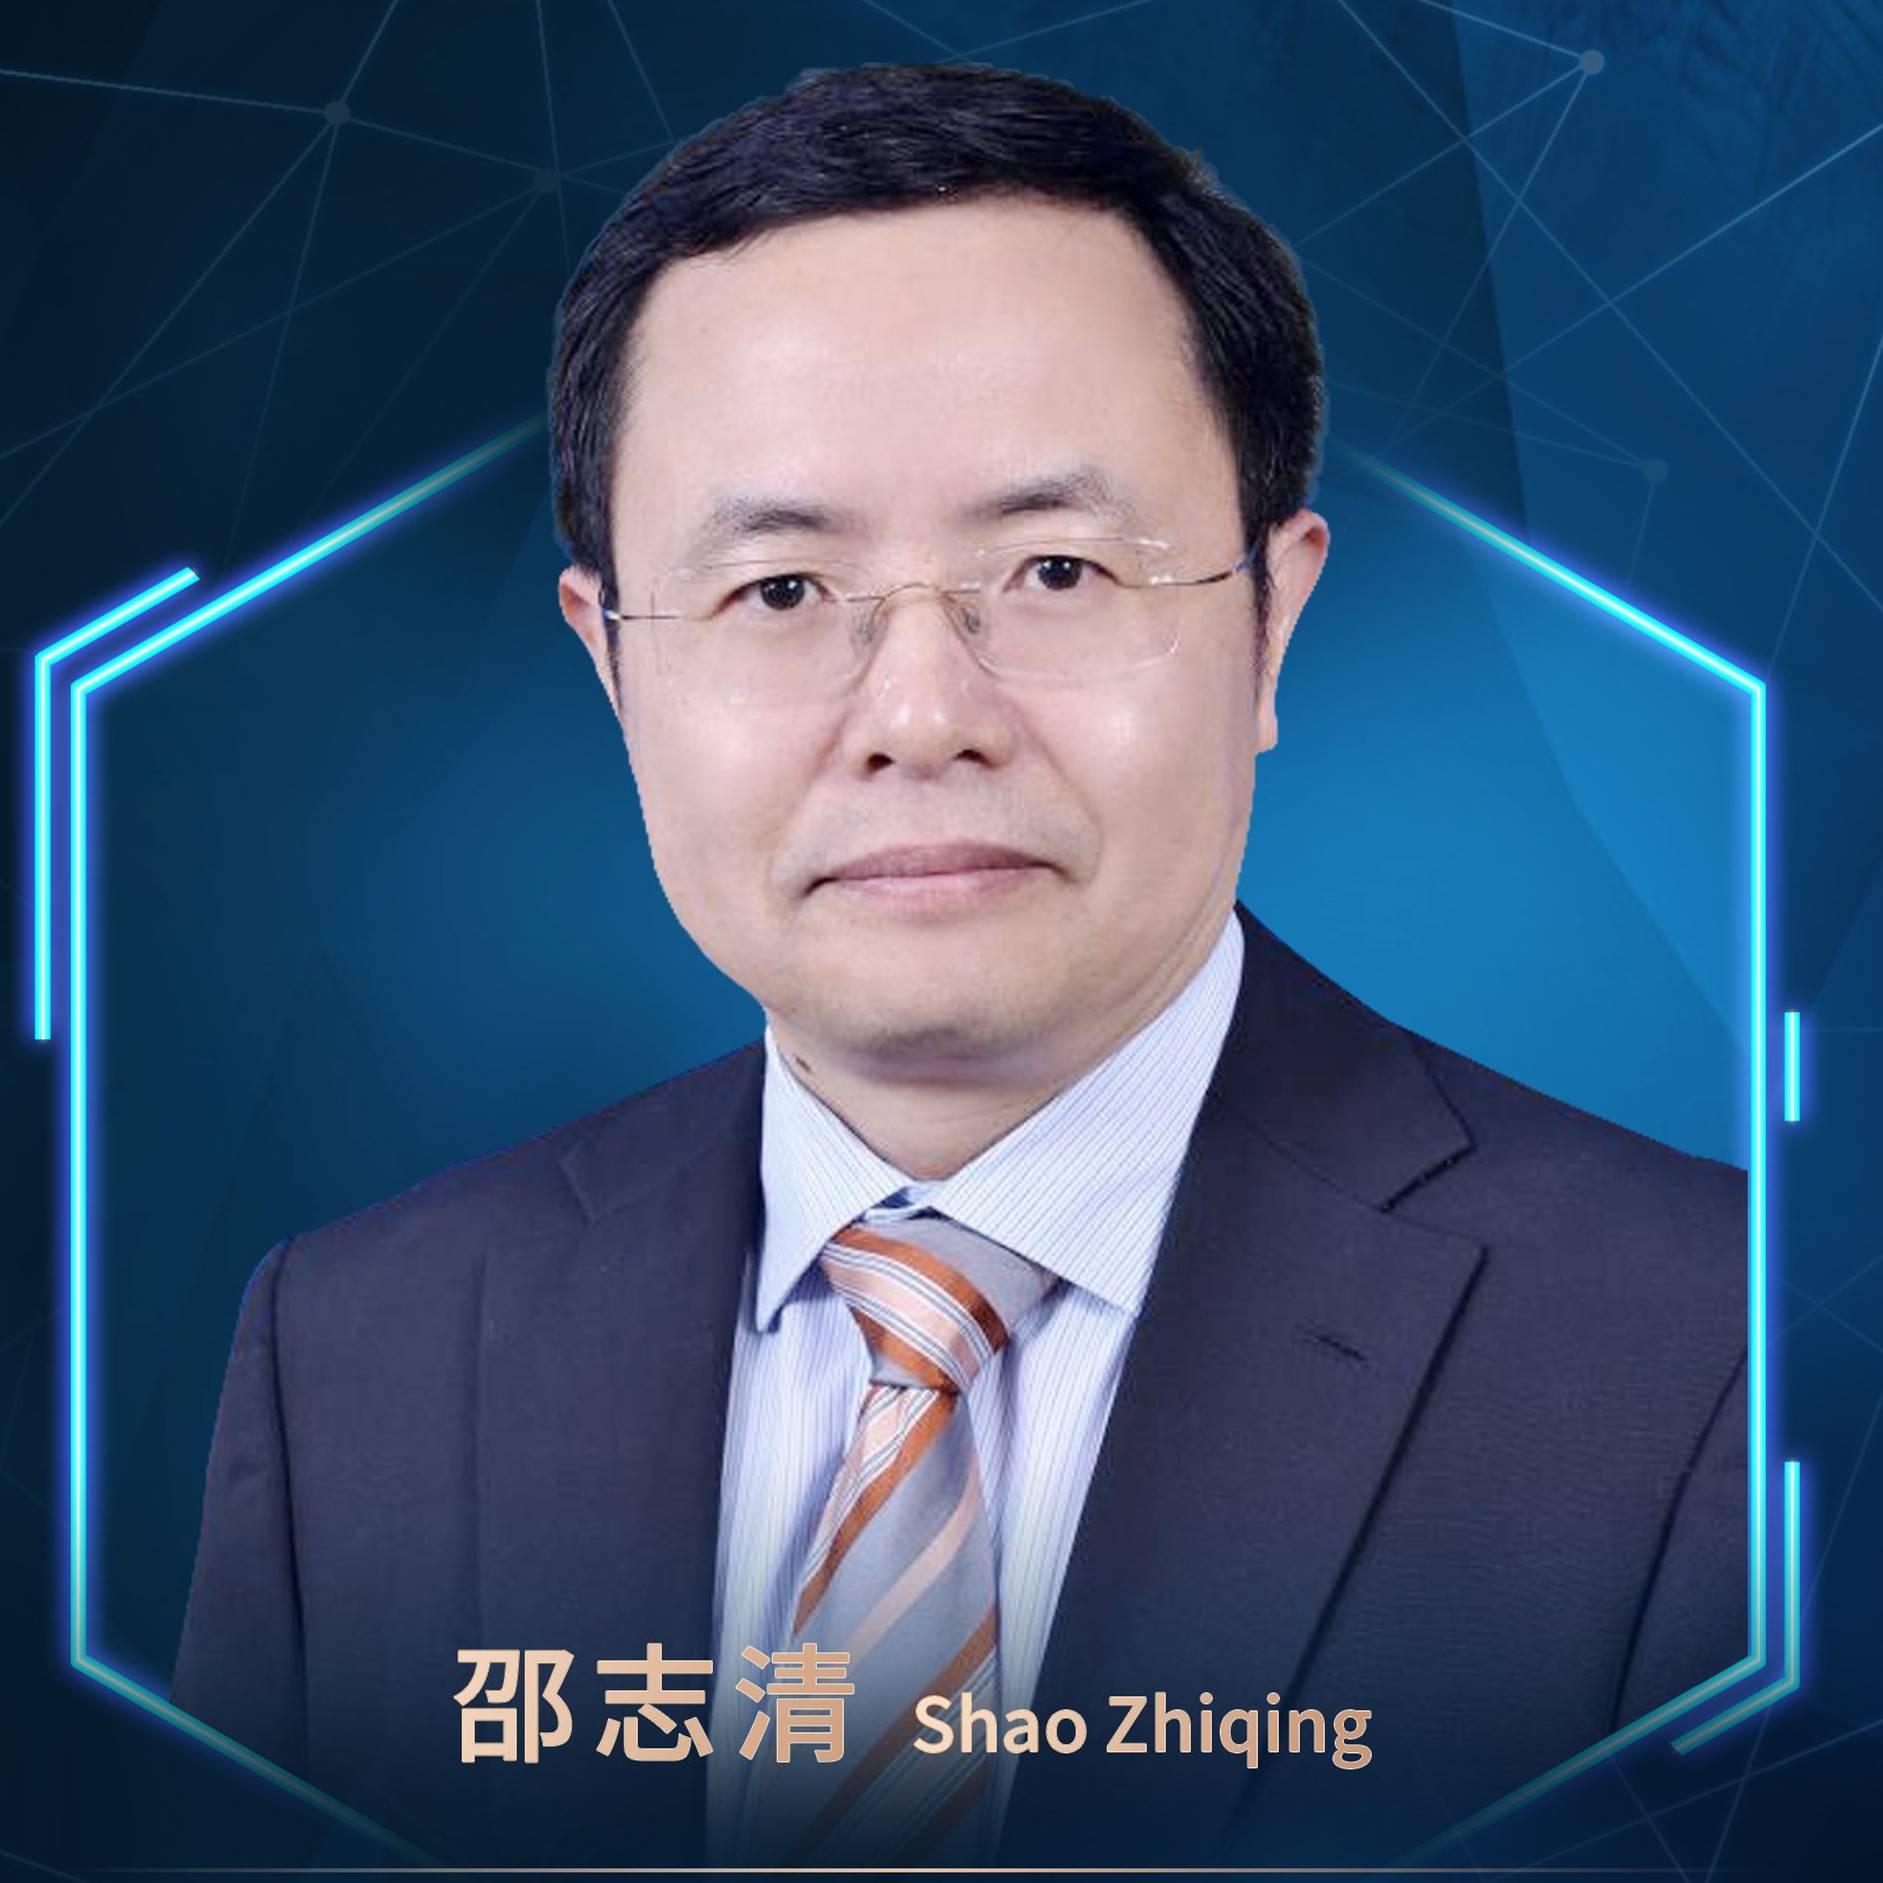 上海市信息化专家委员会 副主任 邵志清